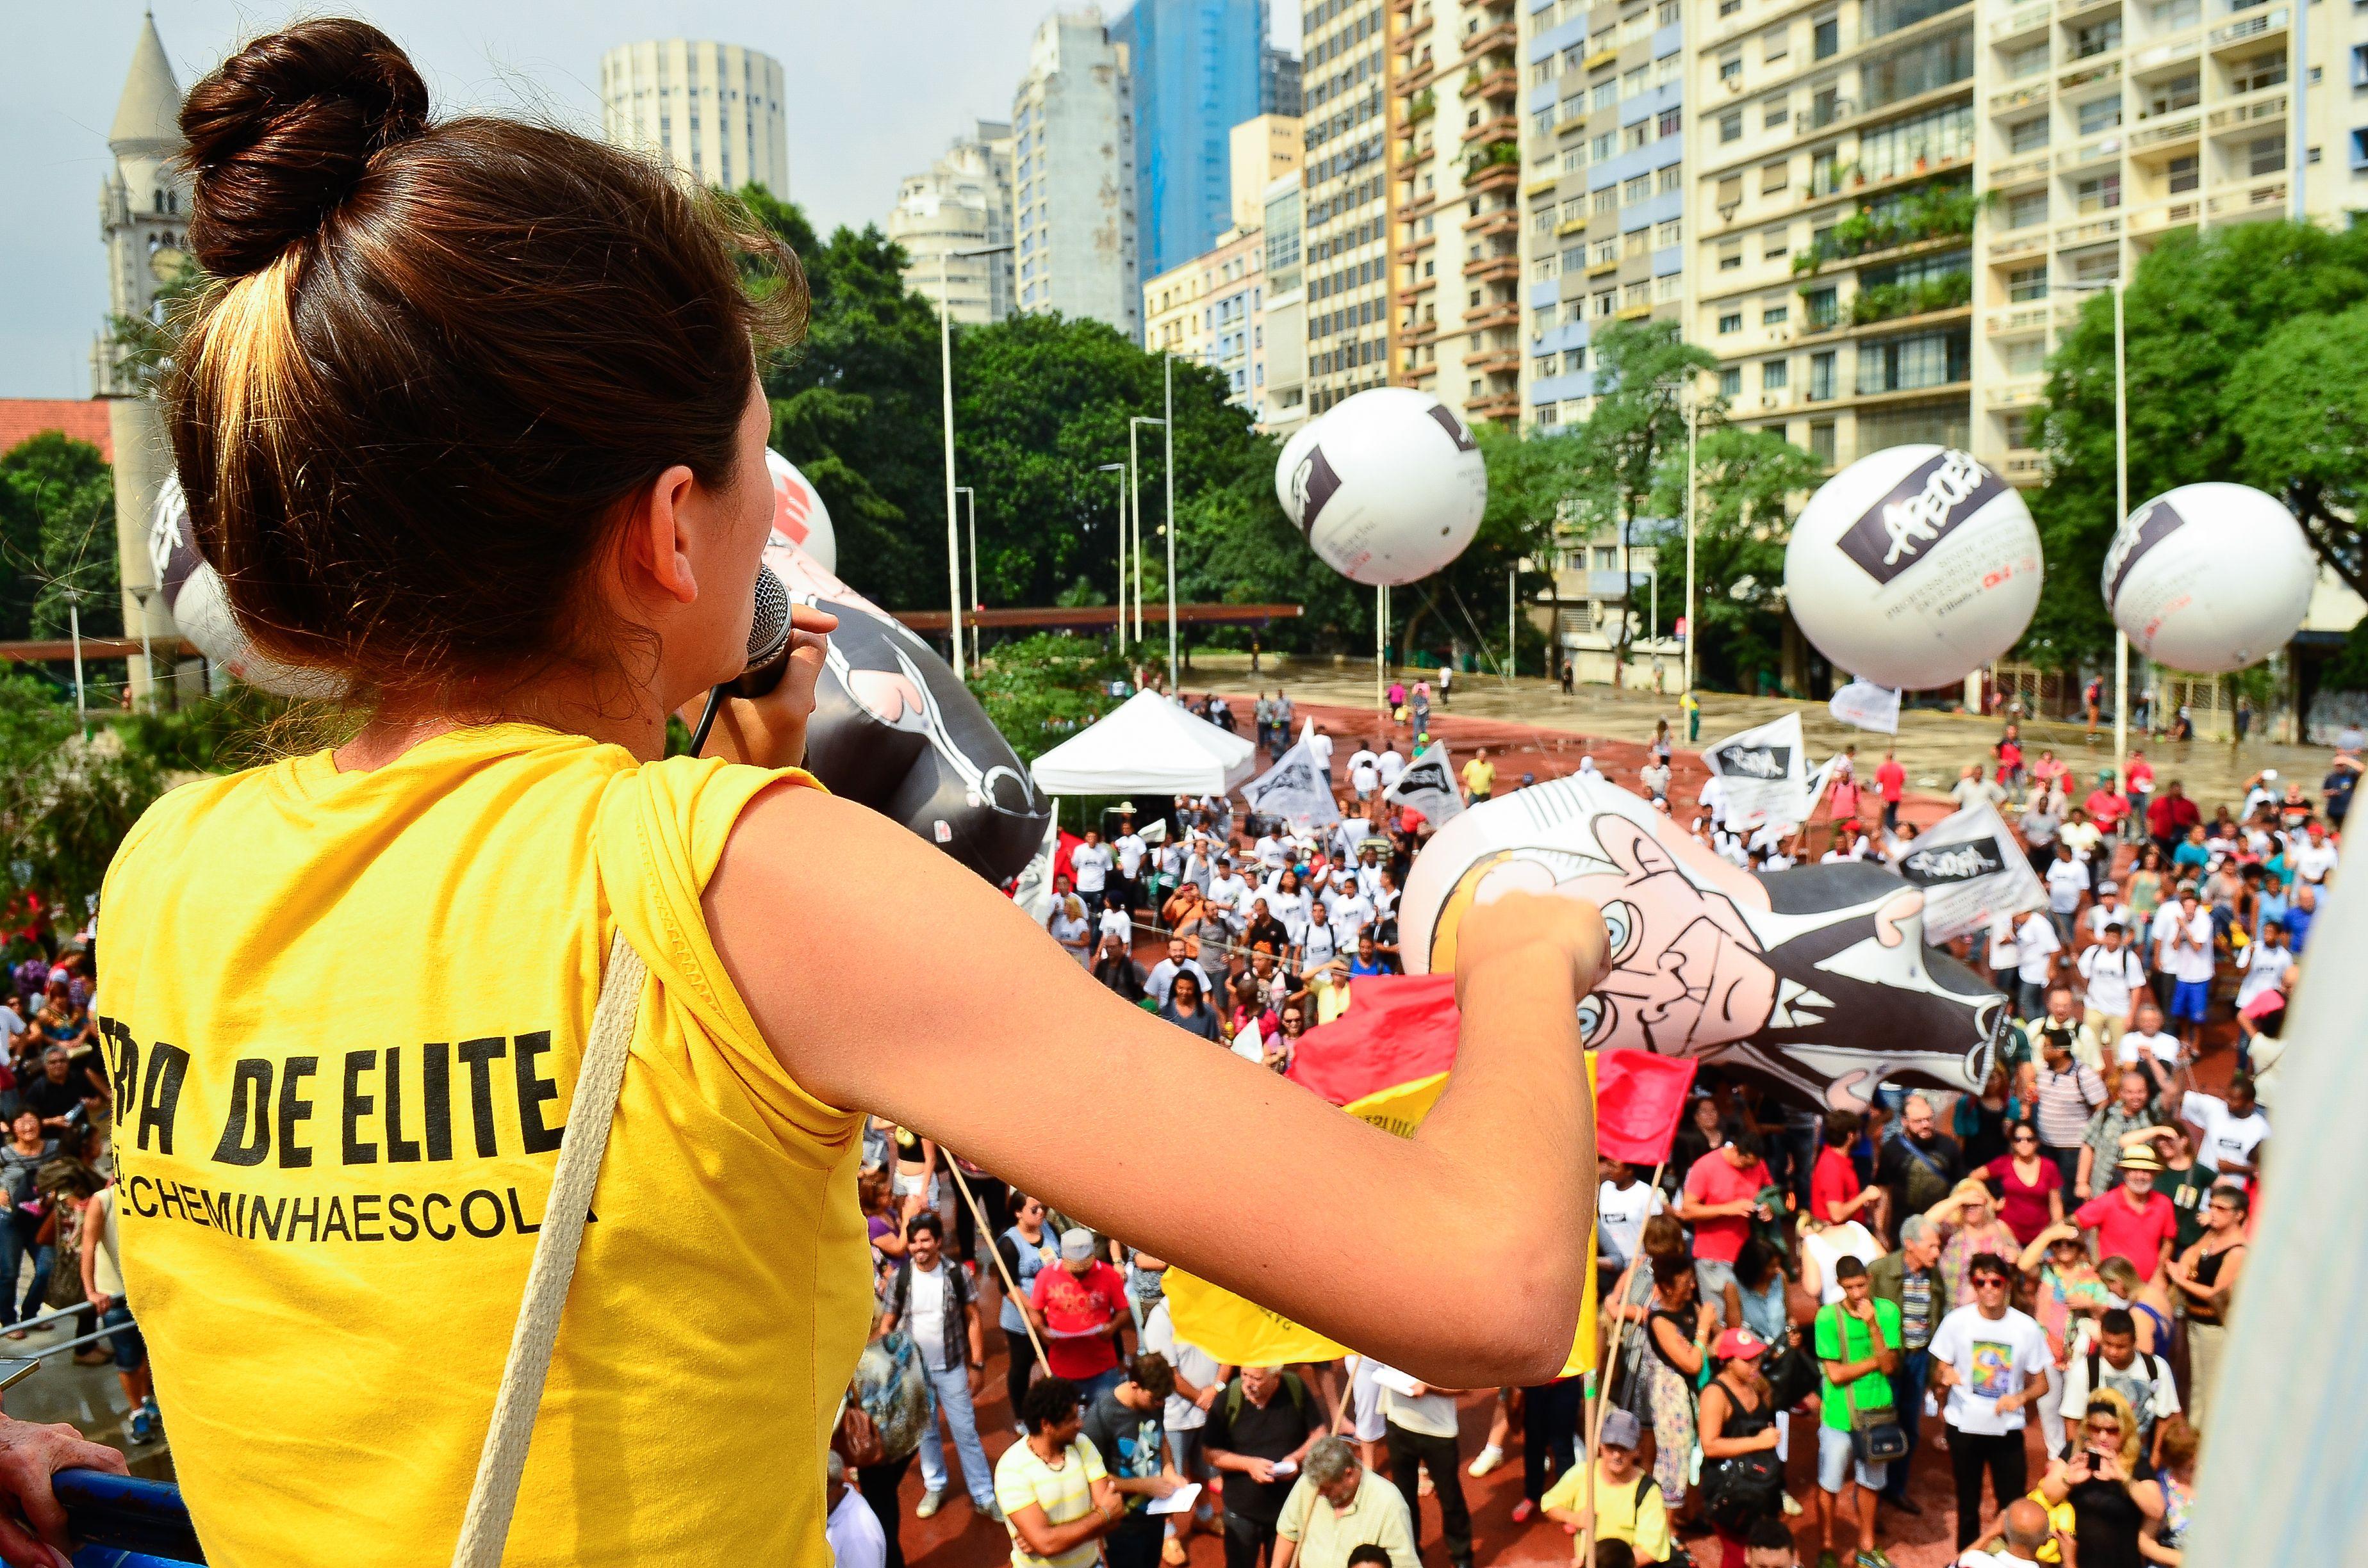 São Paulo - Após Alckmin anunciar a suspensão da reorganização escolar por um ano professores se reuniram em assembleia para decidir os próximos passos do movimento contra as mudanças. (Rovena Rosa/Agência Brasil)